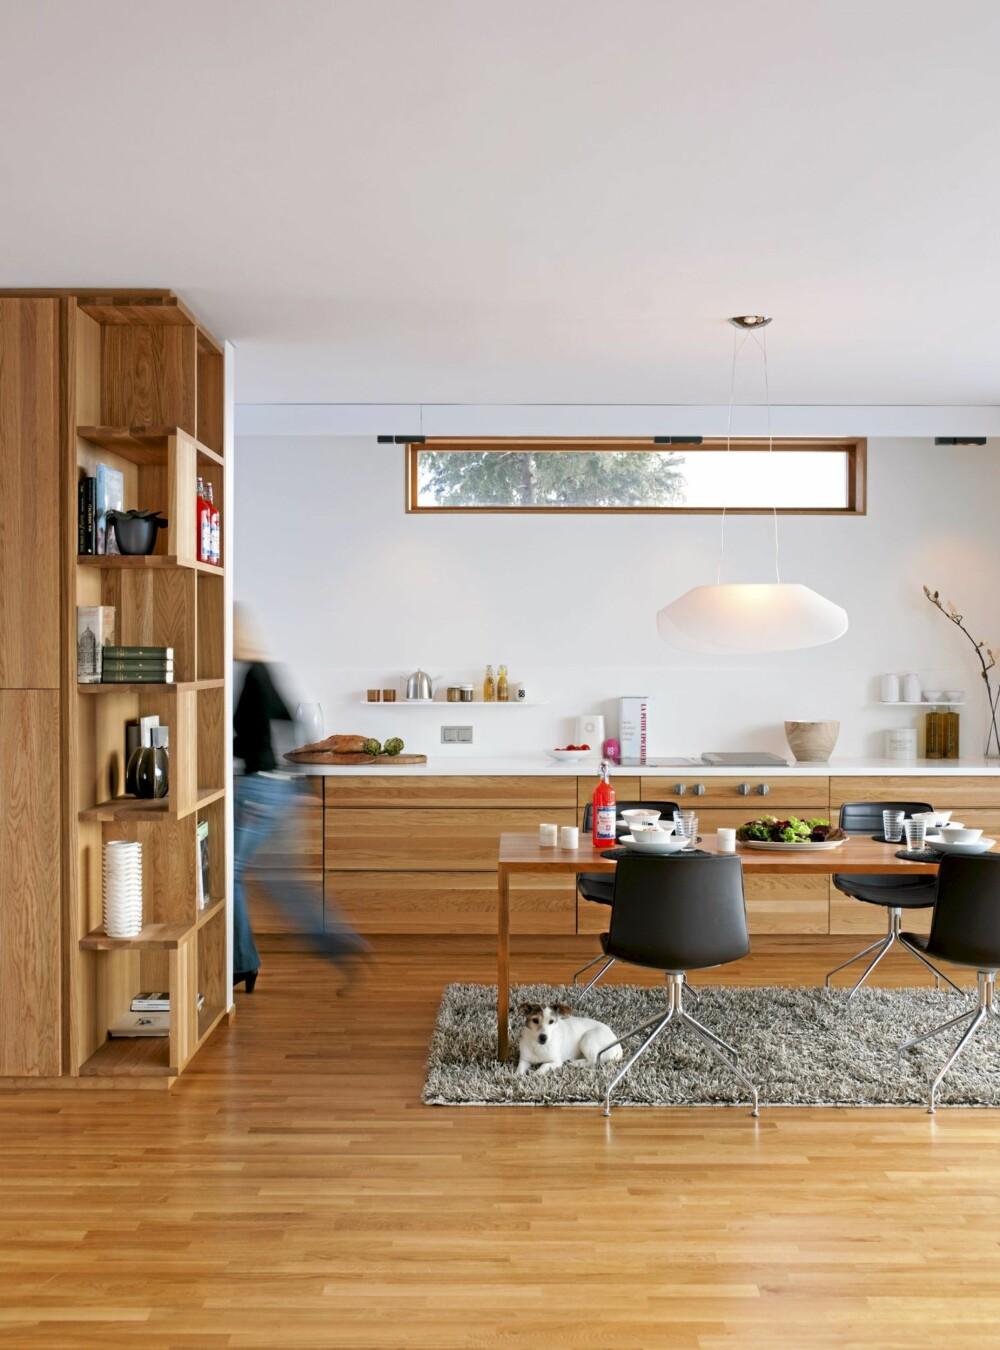 RO I ROMMET: Kjøkkenbenken i eik og corian går fra vegg til vegg i det syv meter lange rommet. Det har skyvedører og utgang til veranda til høyre, rett utenfor bildekanten. Arper Catifa stoler og Kymo teppe. Carmen terrier. Dette er et interiør i balanse.